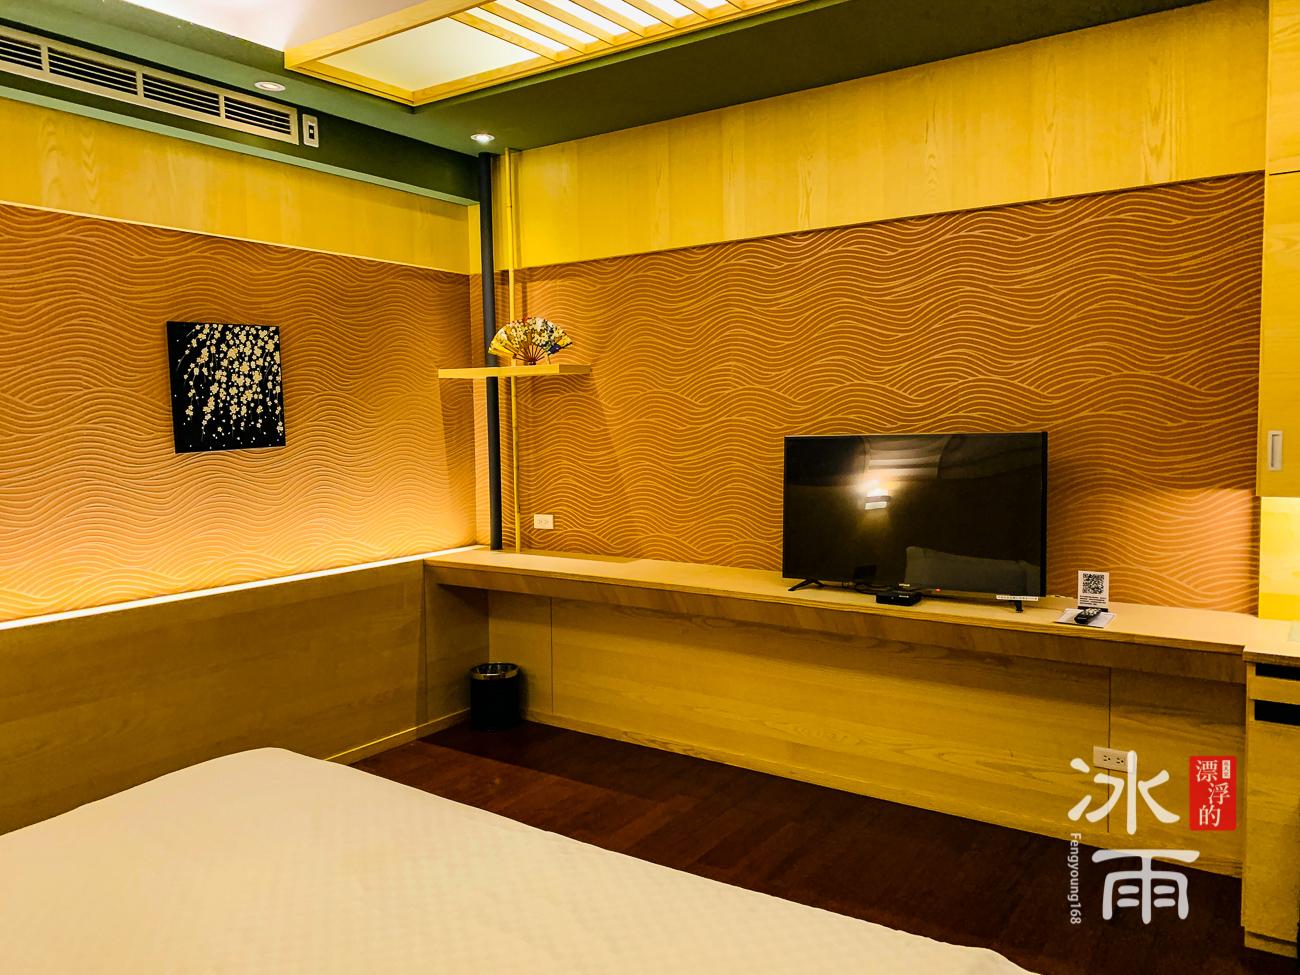 泰安湯悅溫泉會館|雙人房電視櫃